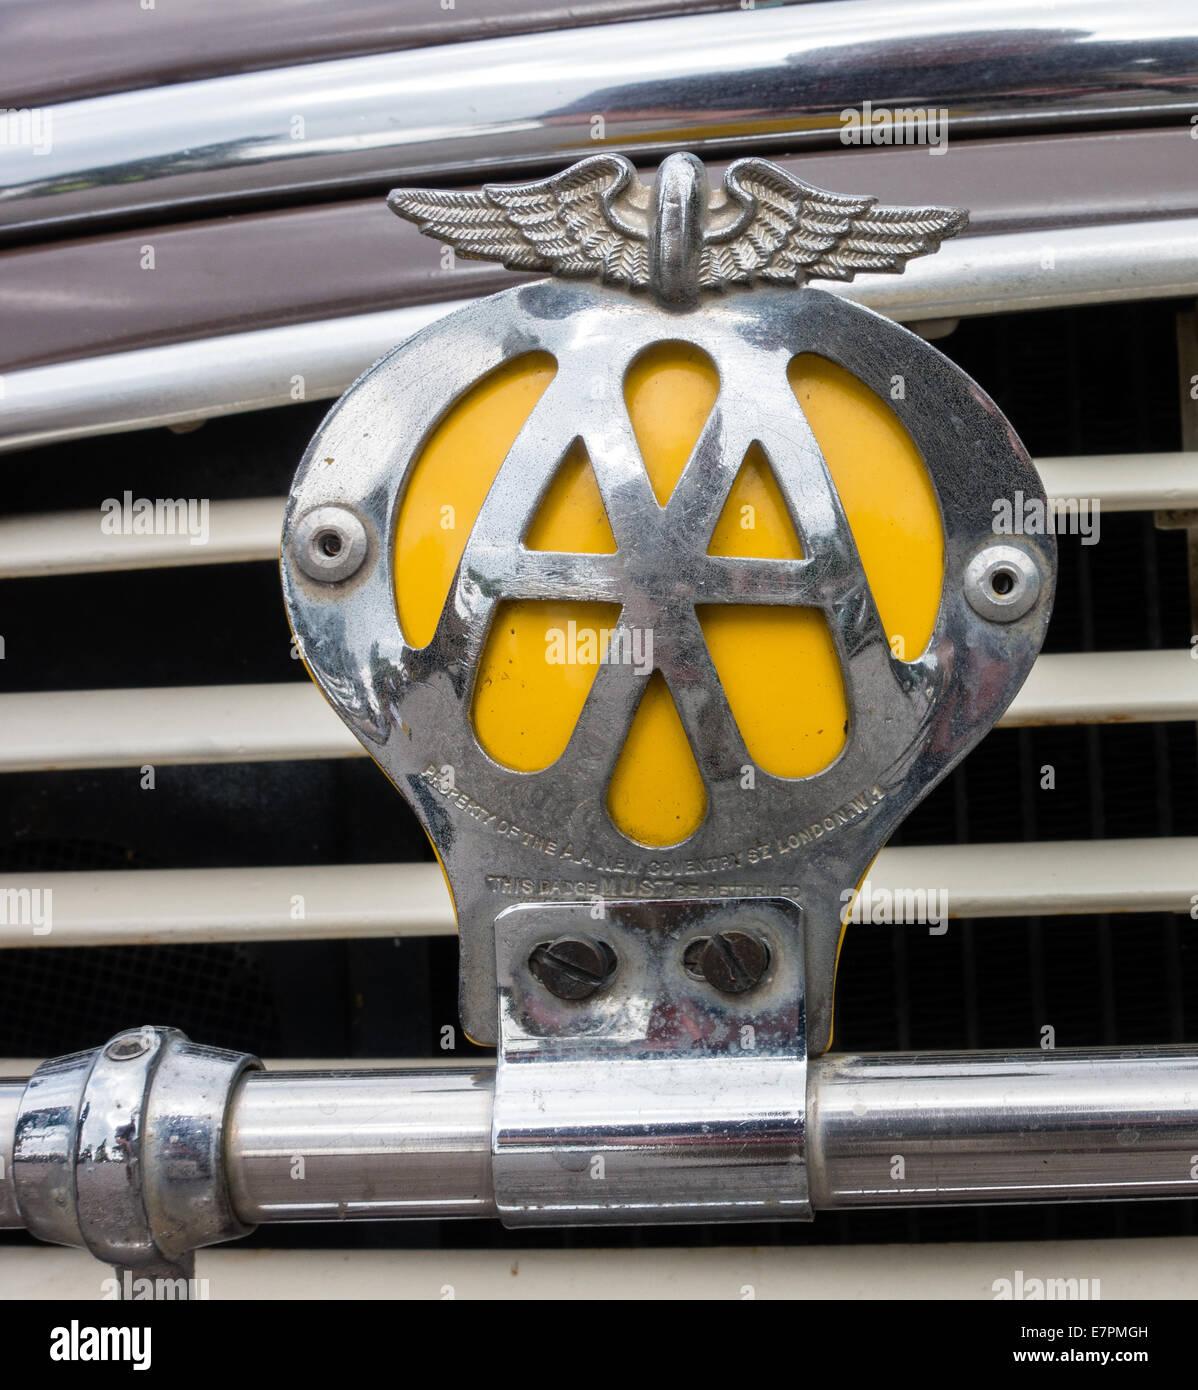 AA chromé Antique Automobile Association badge badge sur un barreau d'une Morris Minor UK Photo Stock